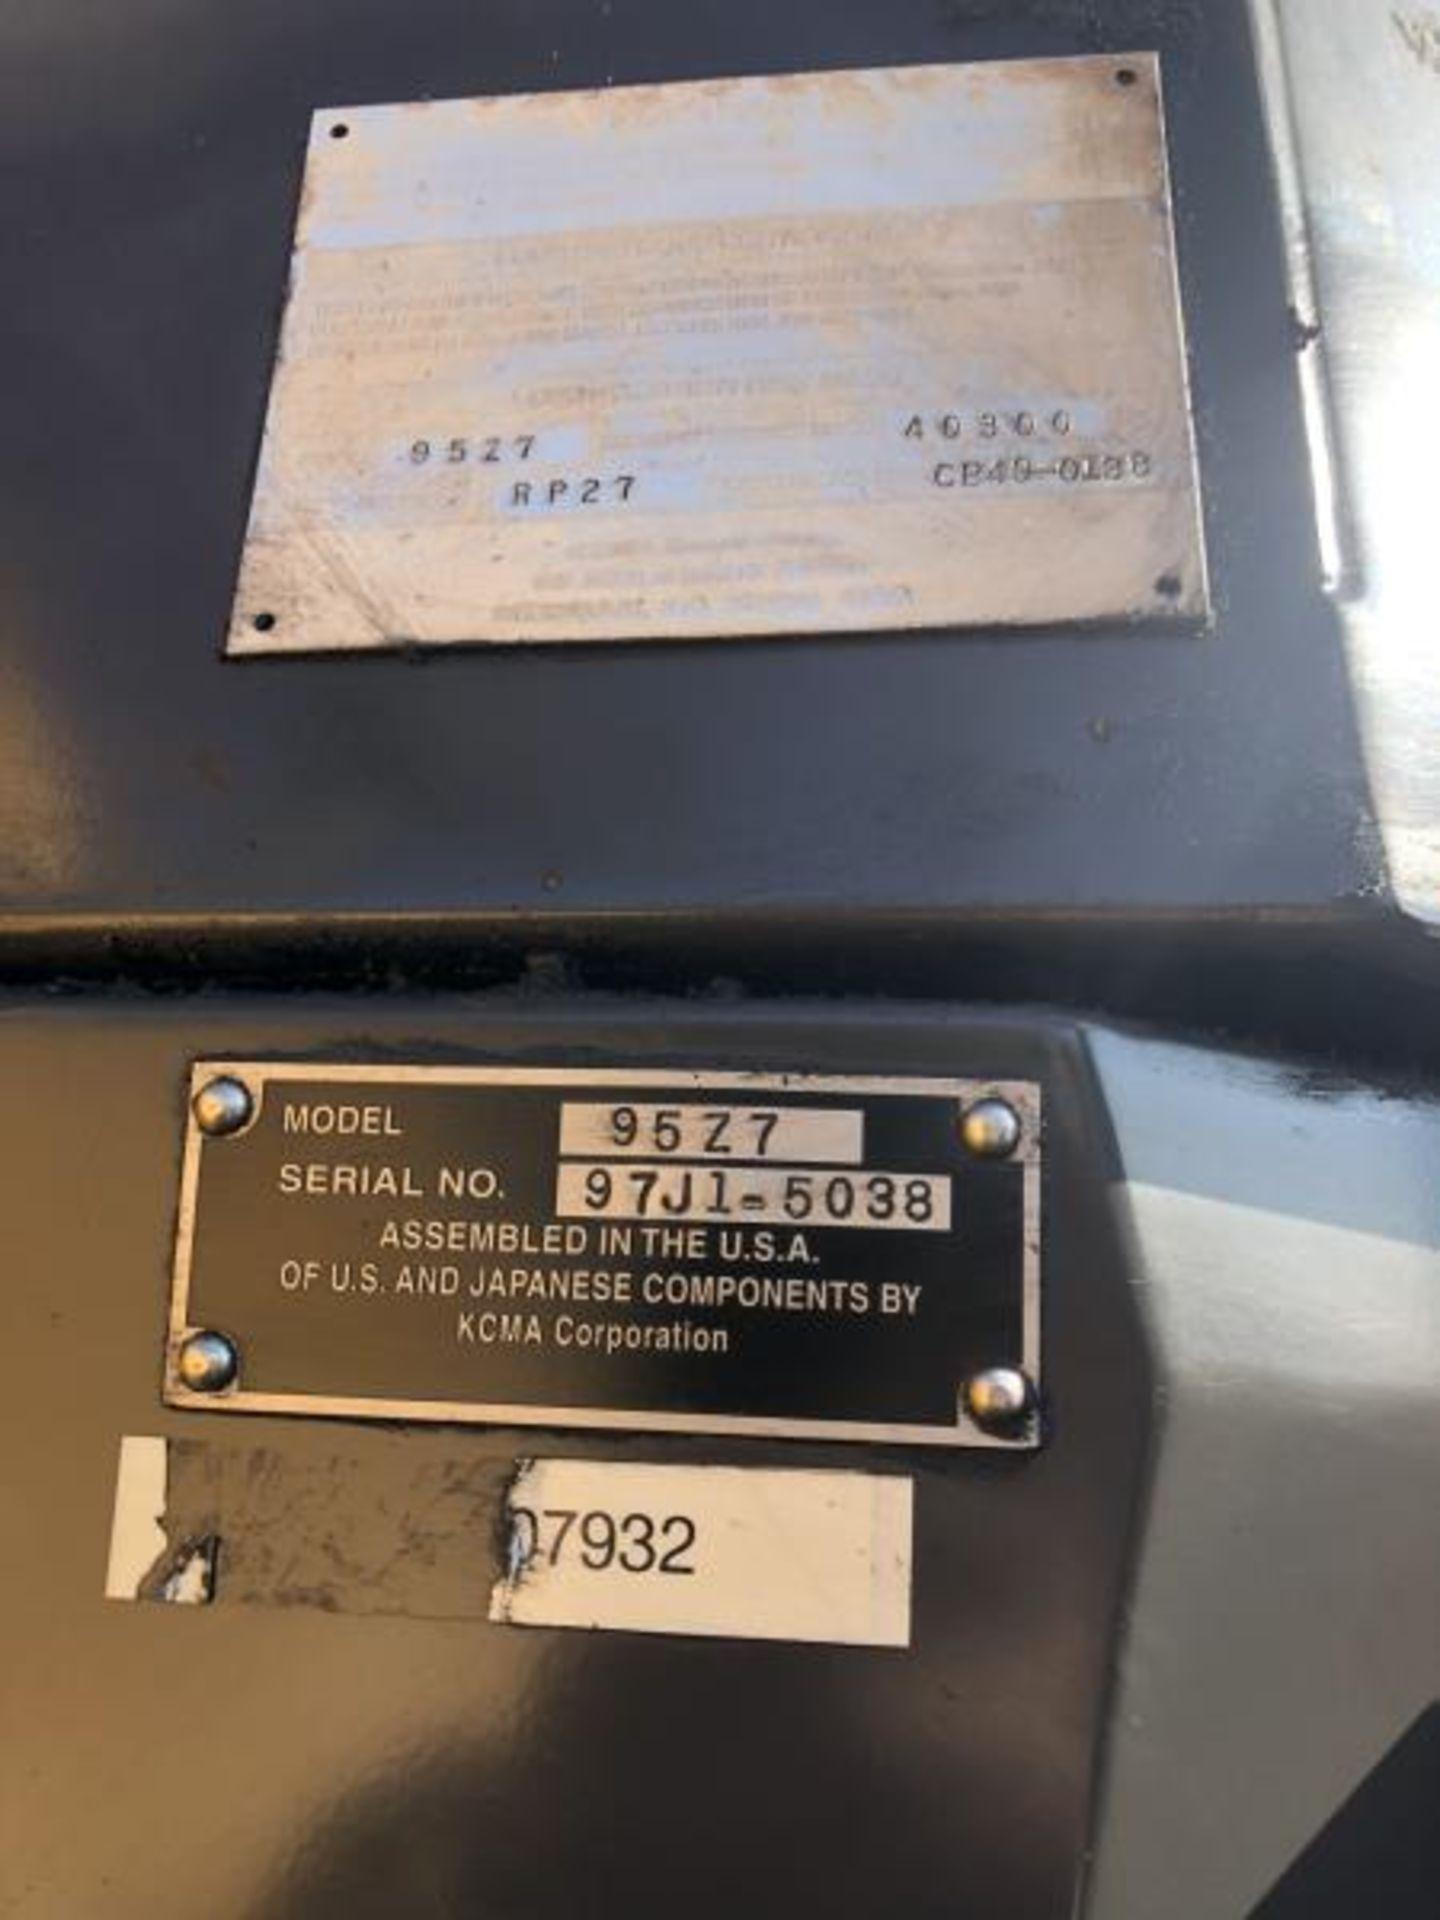 2013 Kawasaki Mode: 957Z , Serial Number: 97JI-5038 - Image 22 of 43